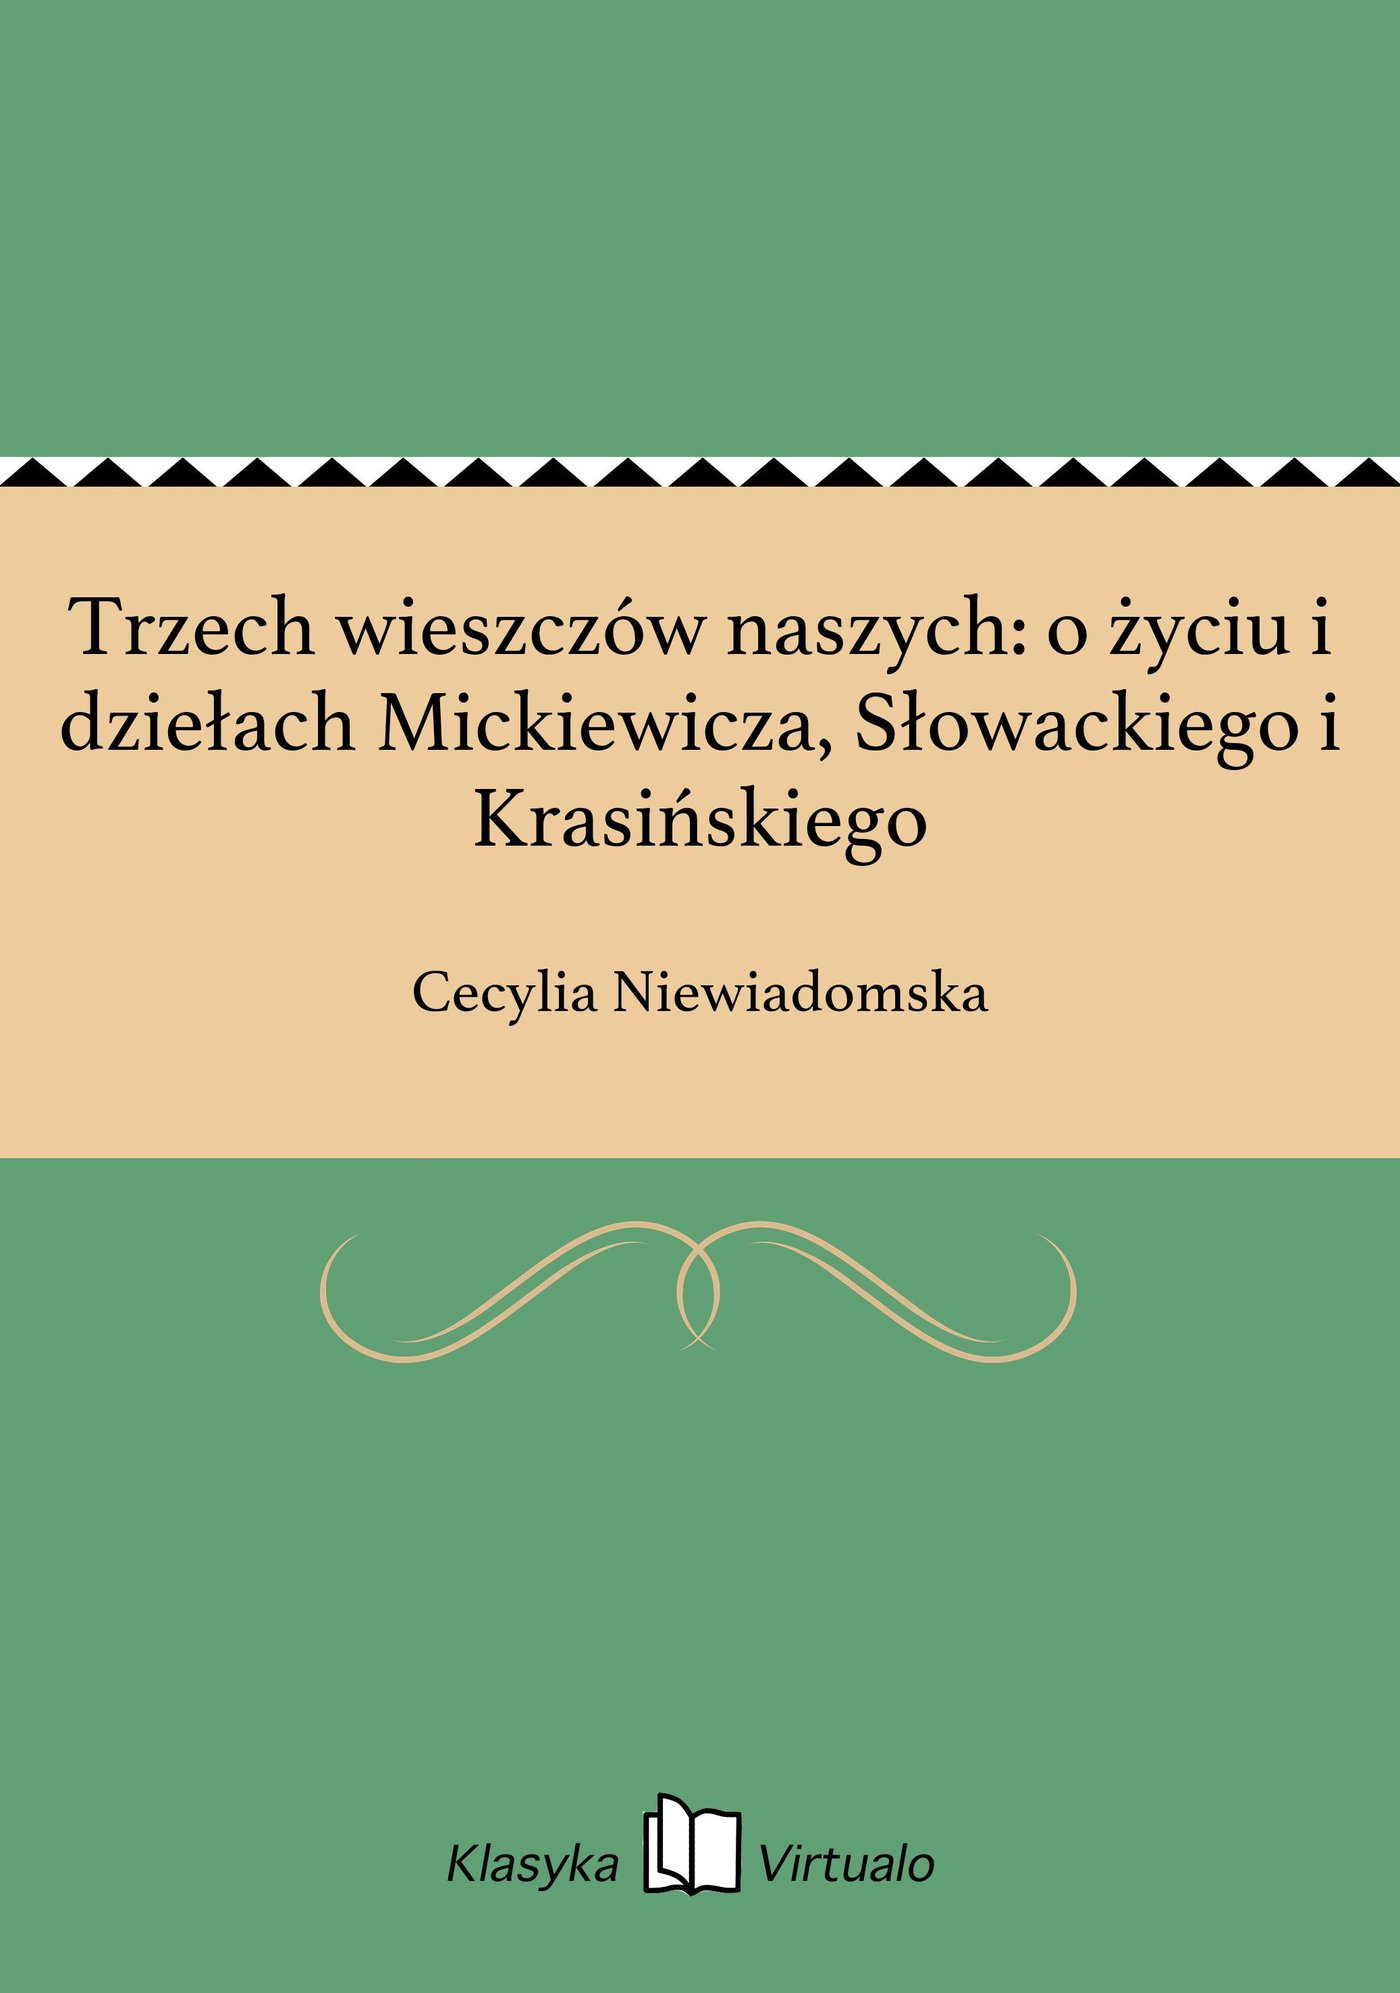 Trzech wieszczów naszych: o życiu i dziełach Mickiewicza, Słowackiego i Krasińskiego - Ebook (Książka EPUB) do pobrania w formacie EPUB